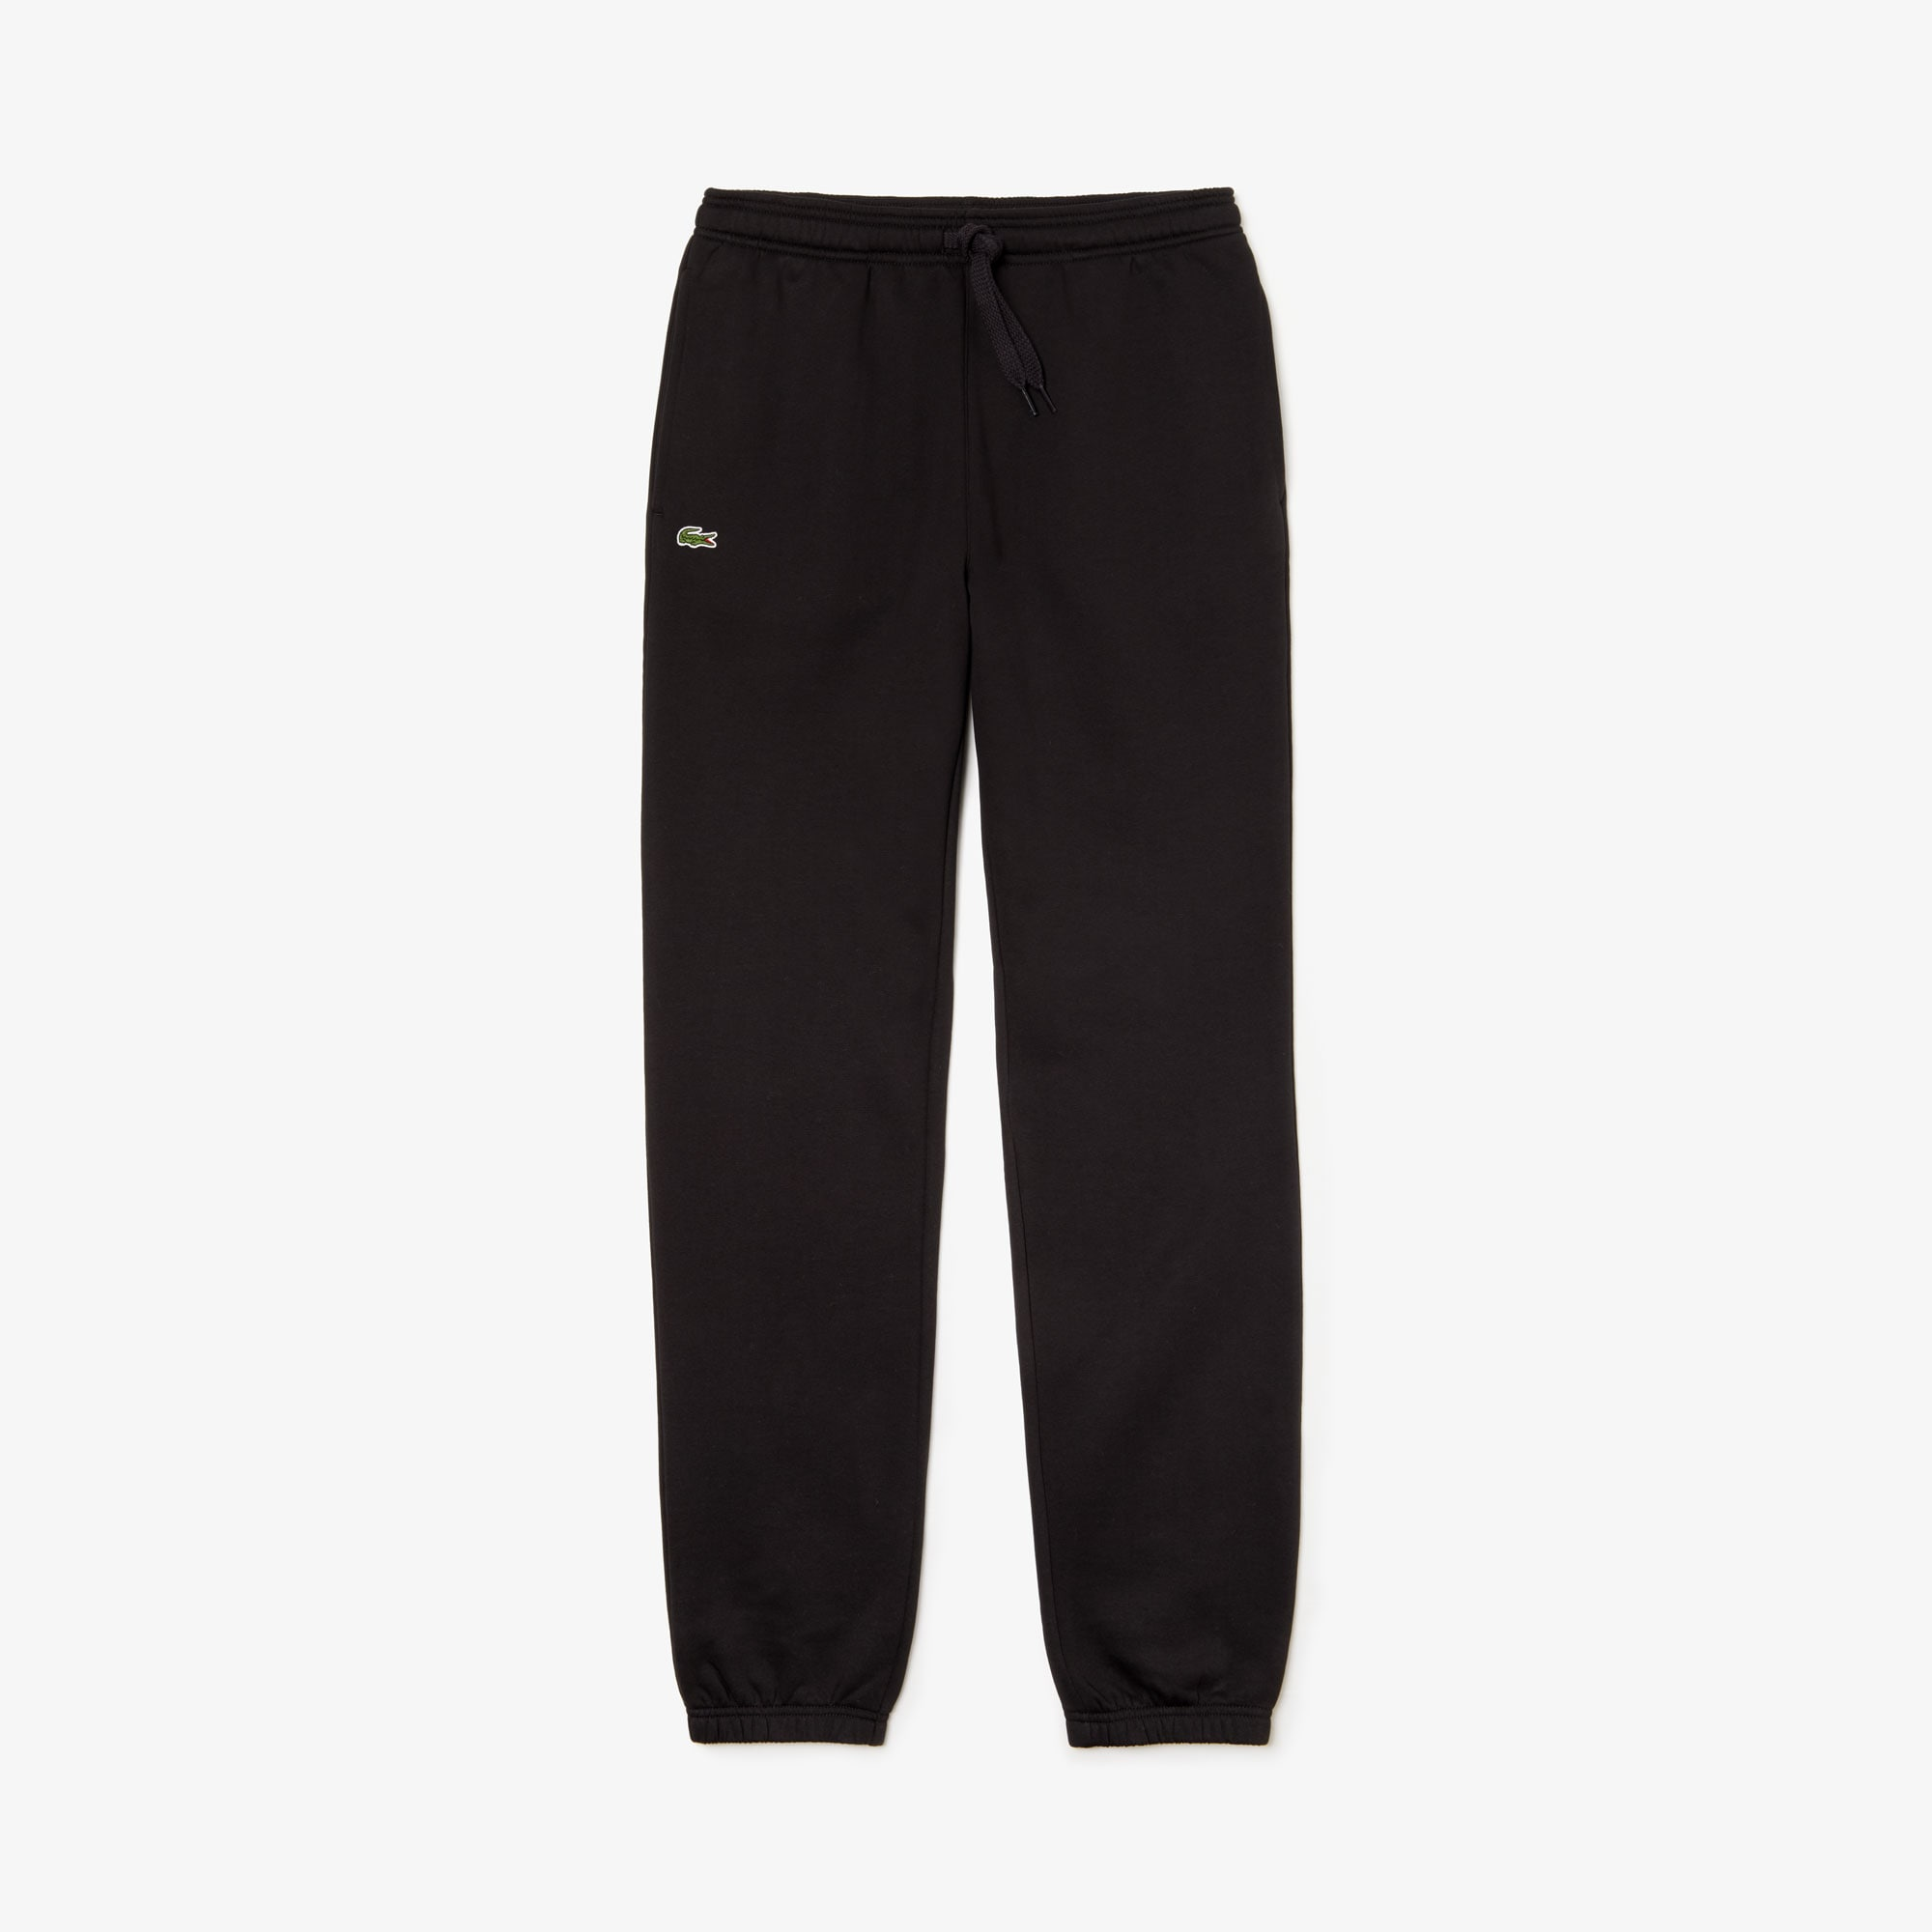 Pantalon de survêtement Tennis Lacoste SPORT en molleton uni